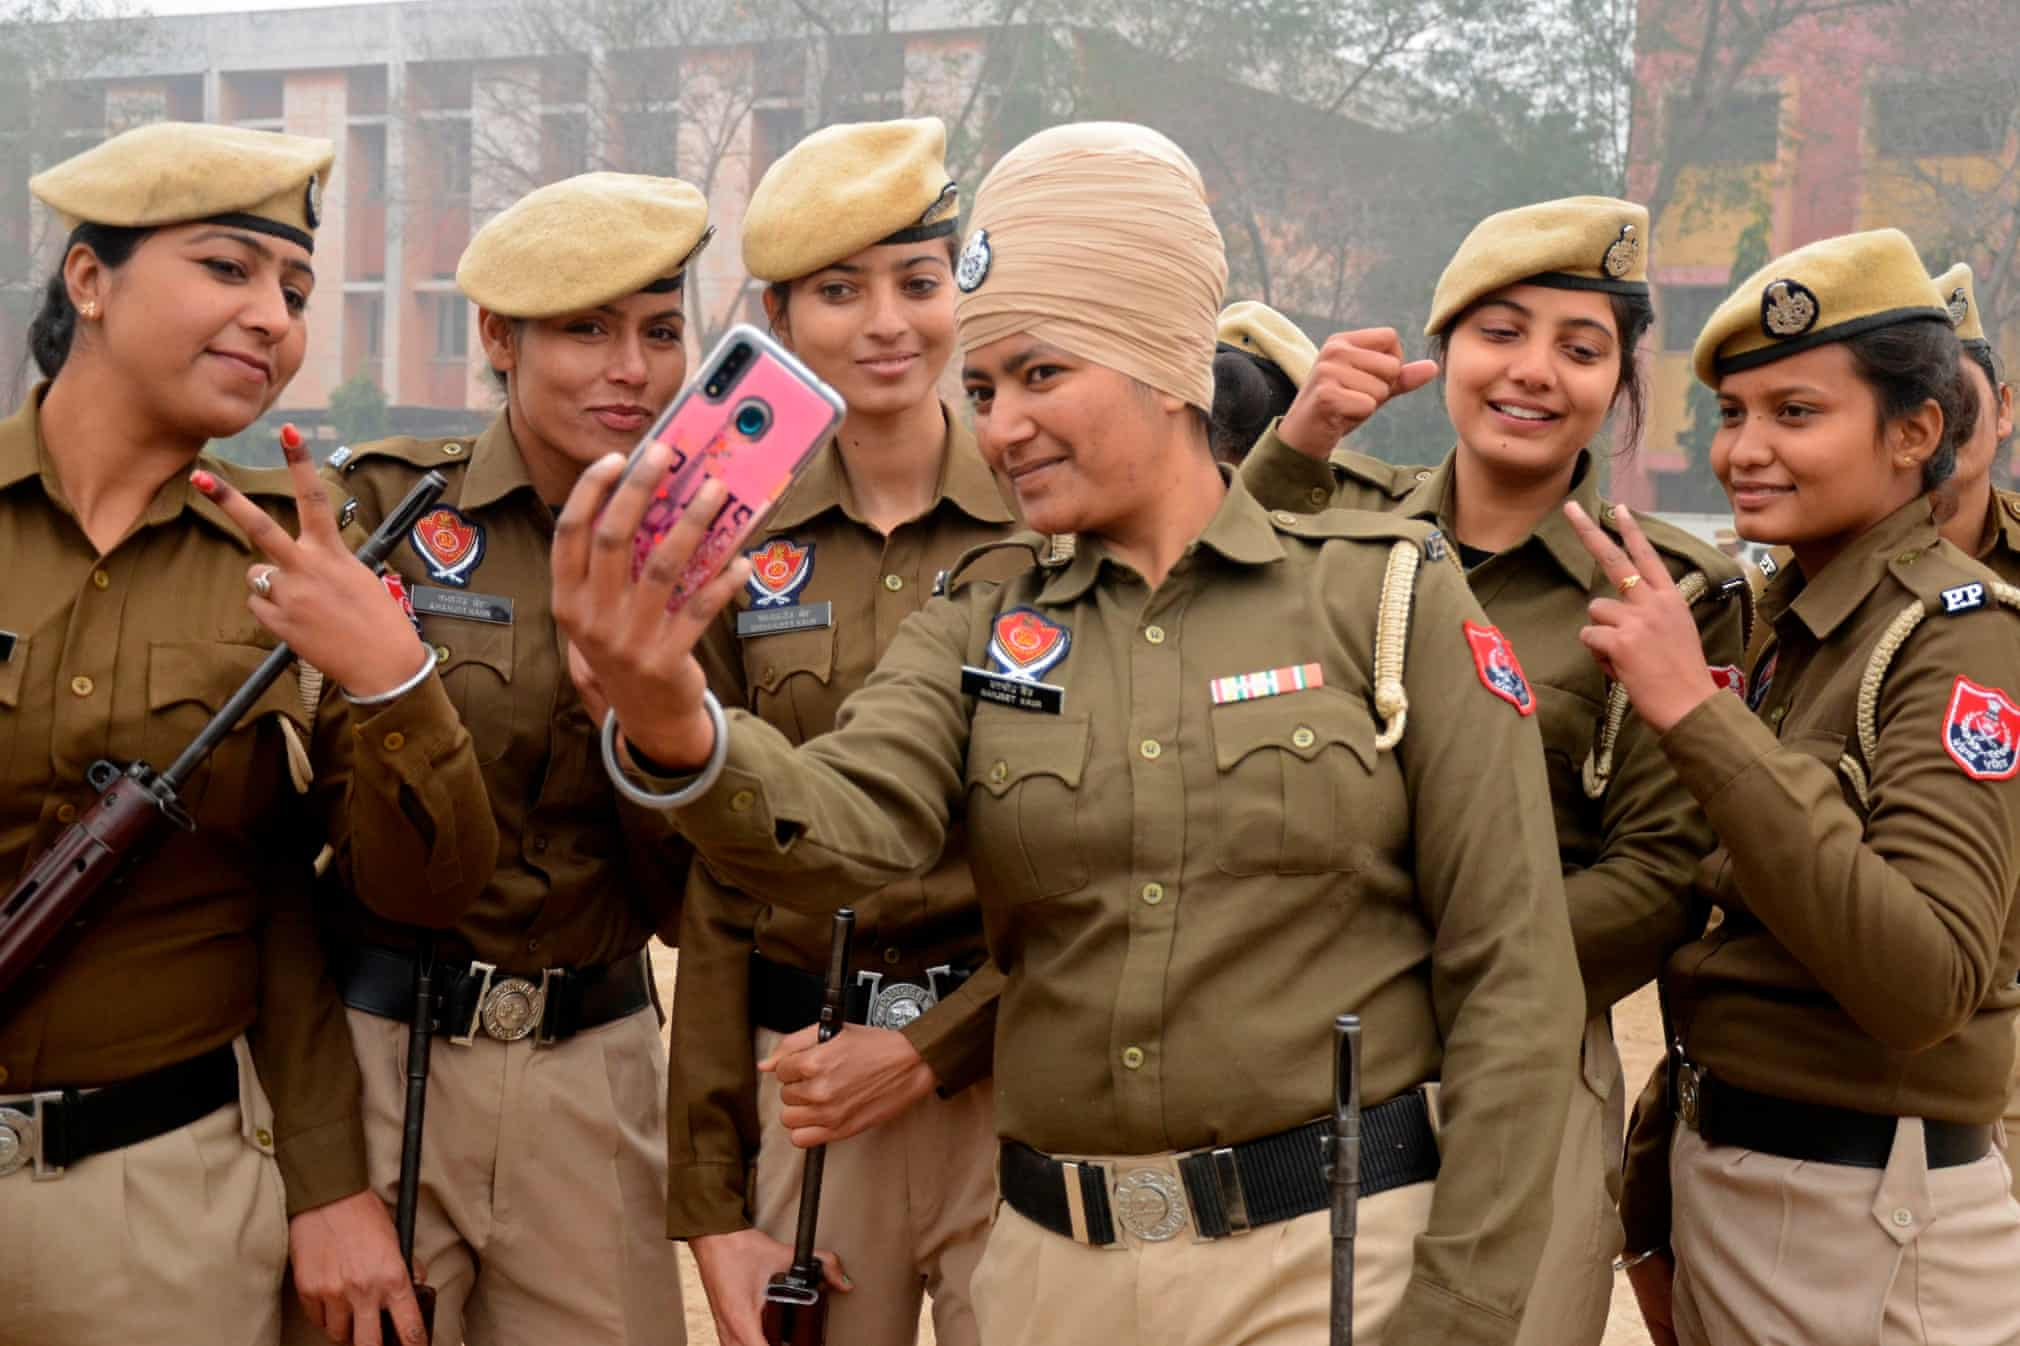 سلفی بانوان پلیس در هند